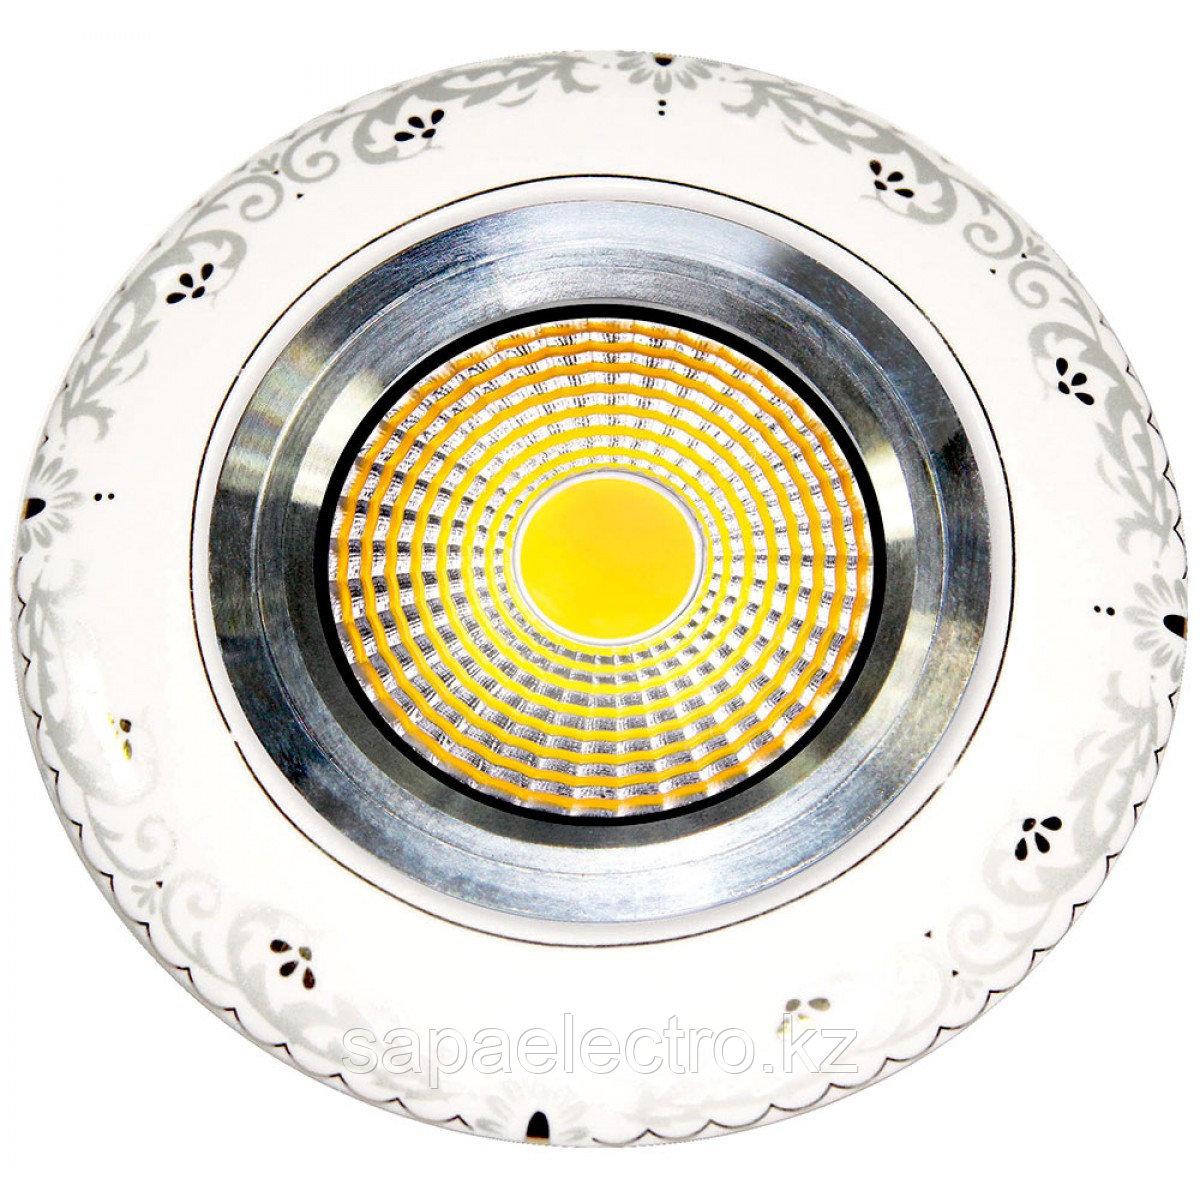 Спот LED ZP111-2 ROUND 3W 5000K (TS) 60шт